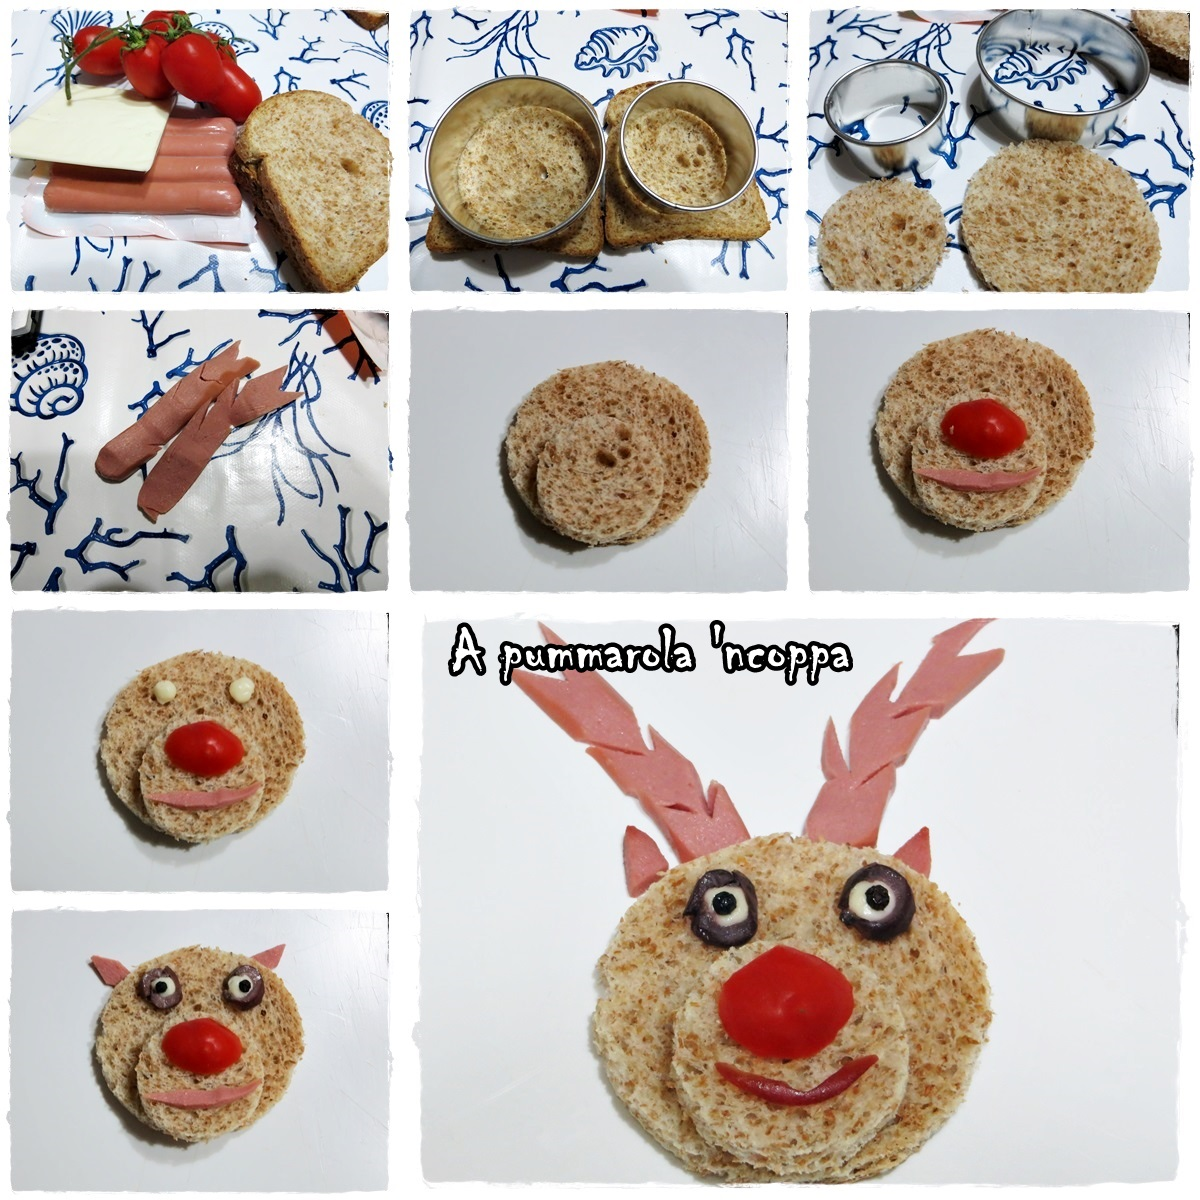 Cervo sandwich arte in tavola blog cucina giallo zafferano A pummarola ncoppa ricetta per bambini pan carrè wurstel